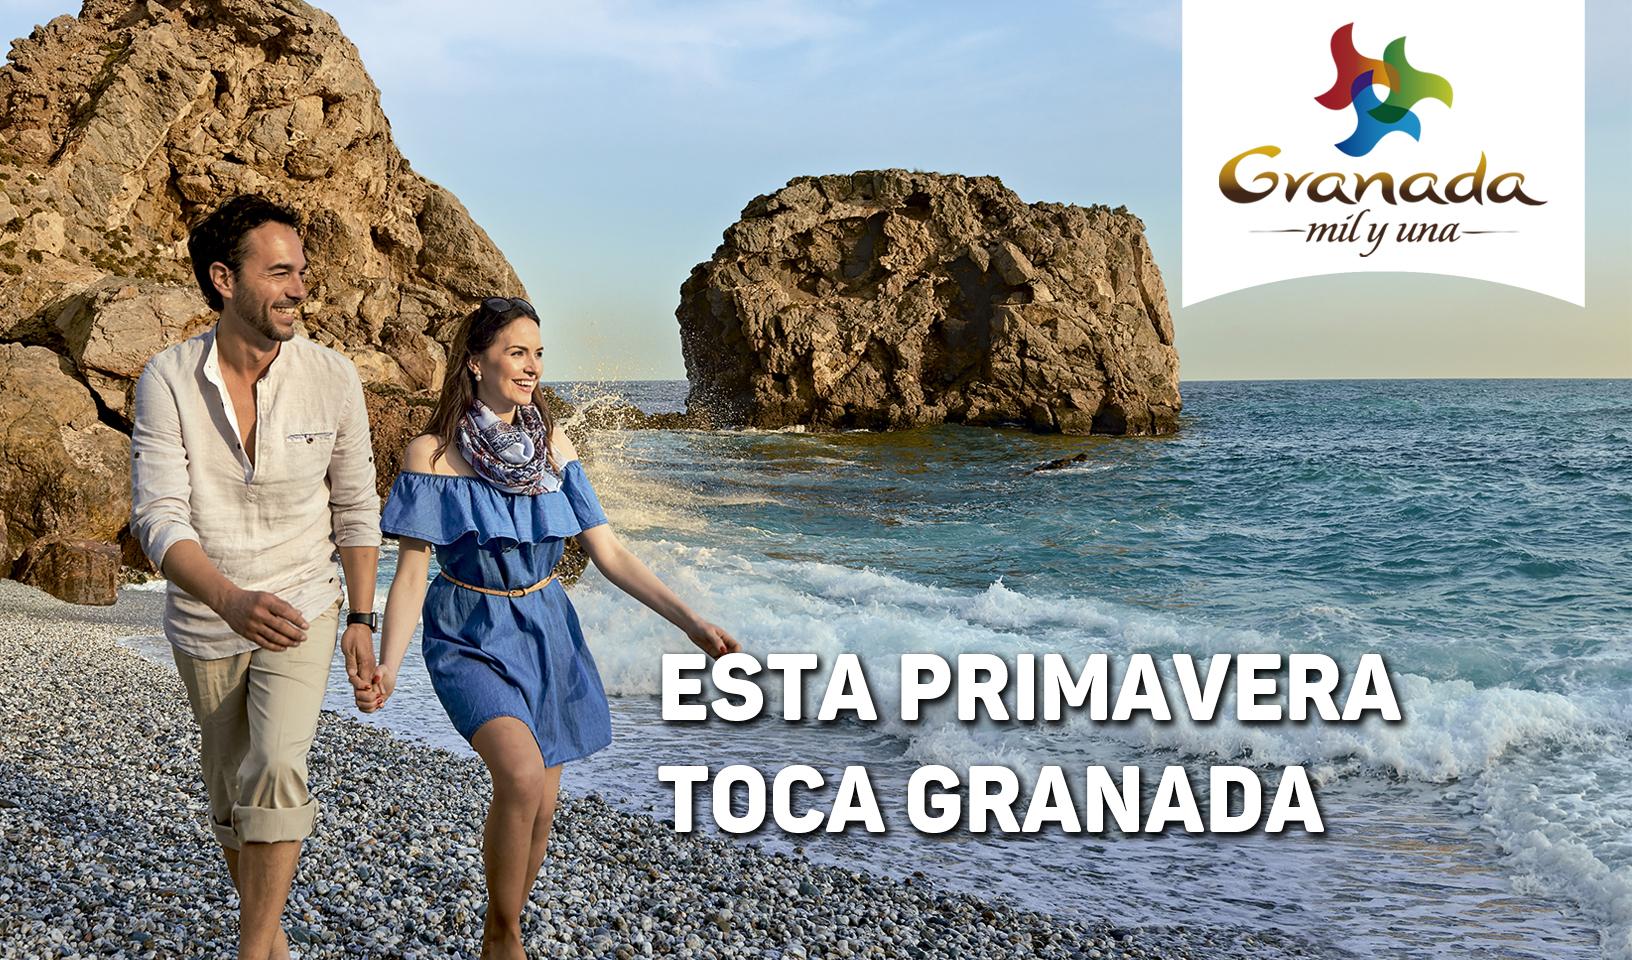 El Patronato de Turismo anima a los granadinos a disfrutar de la provincia en Semana Santa